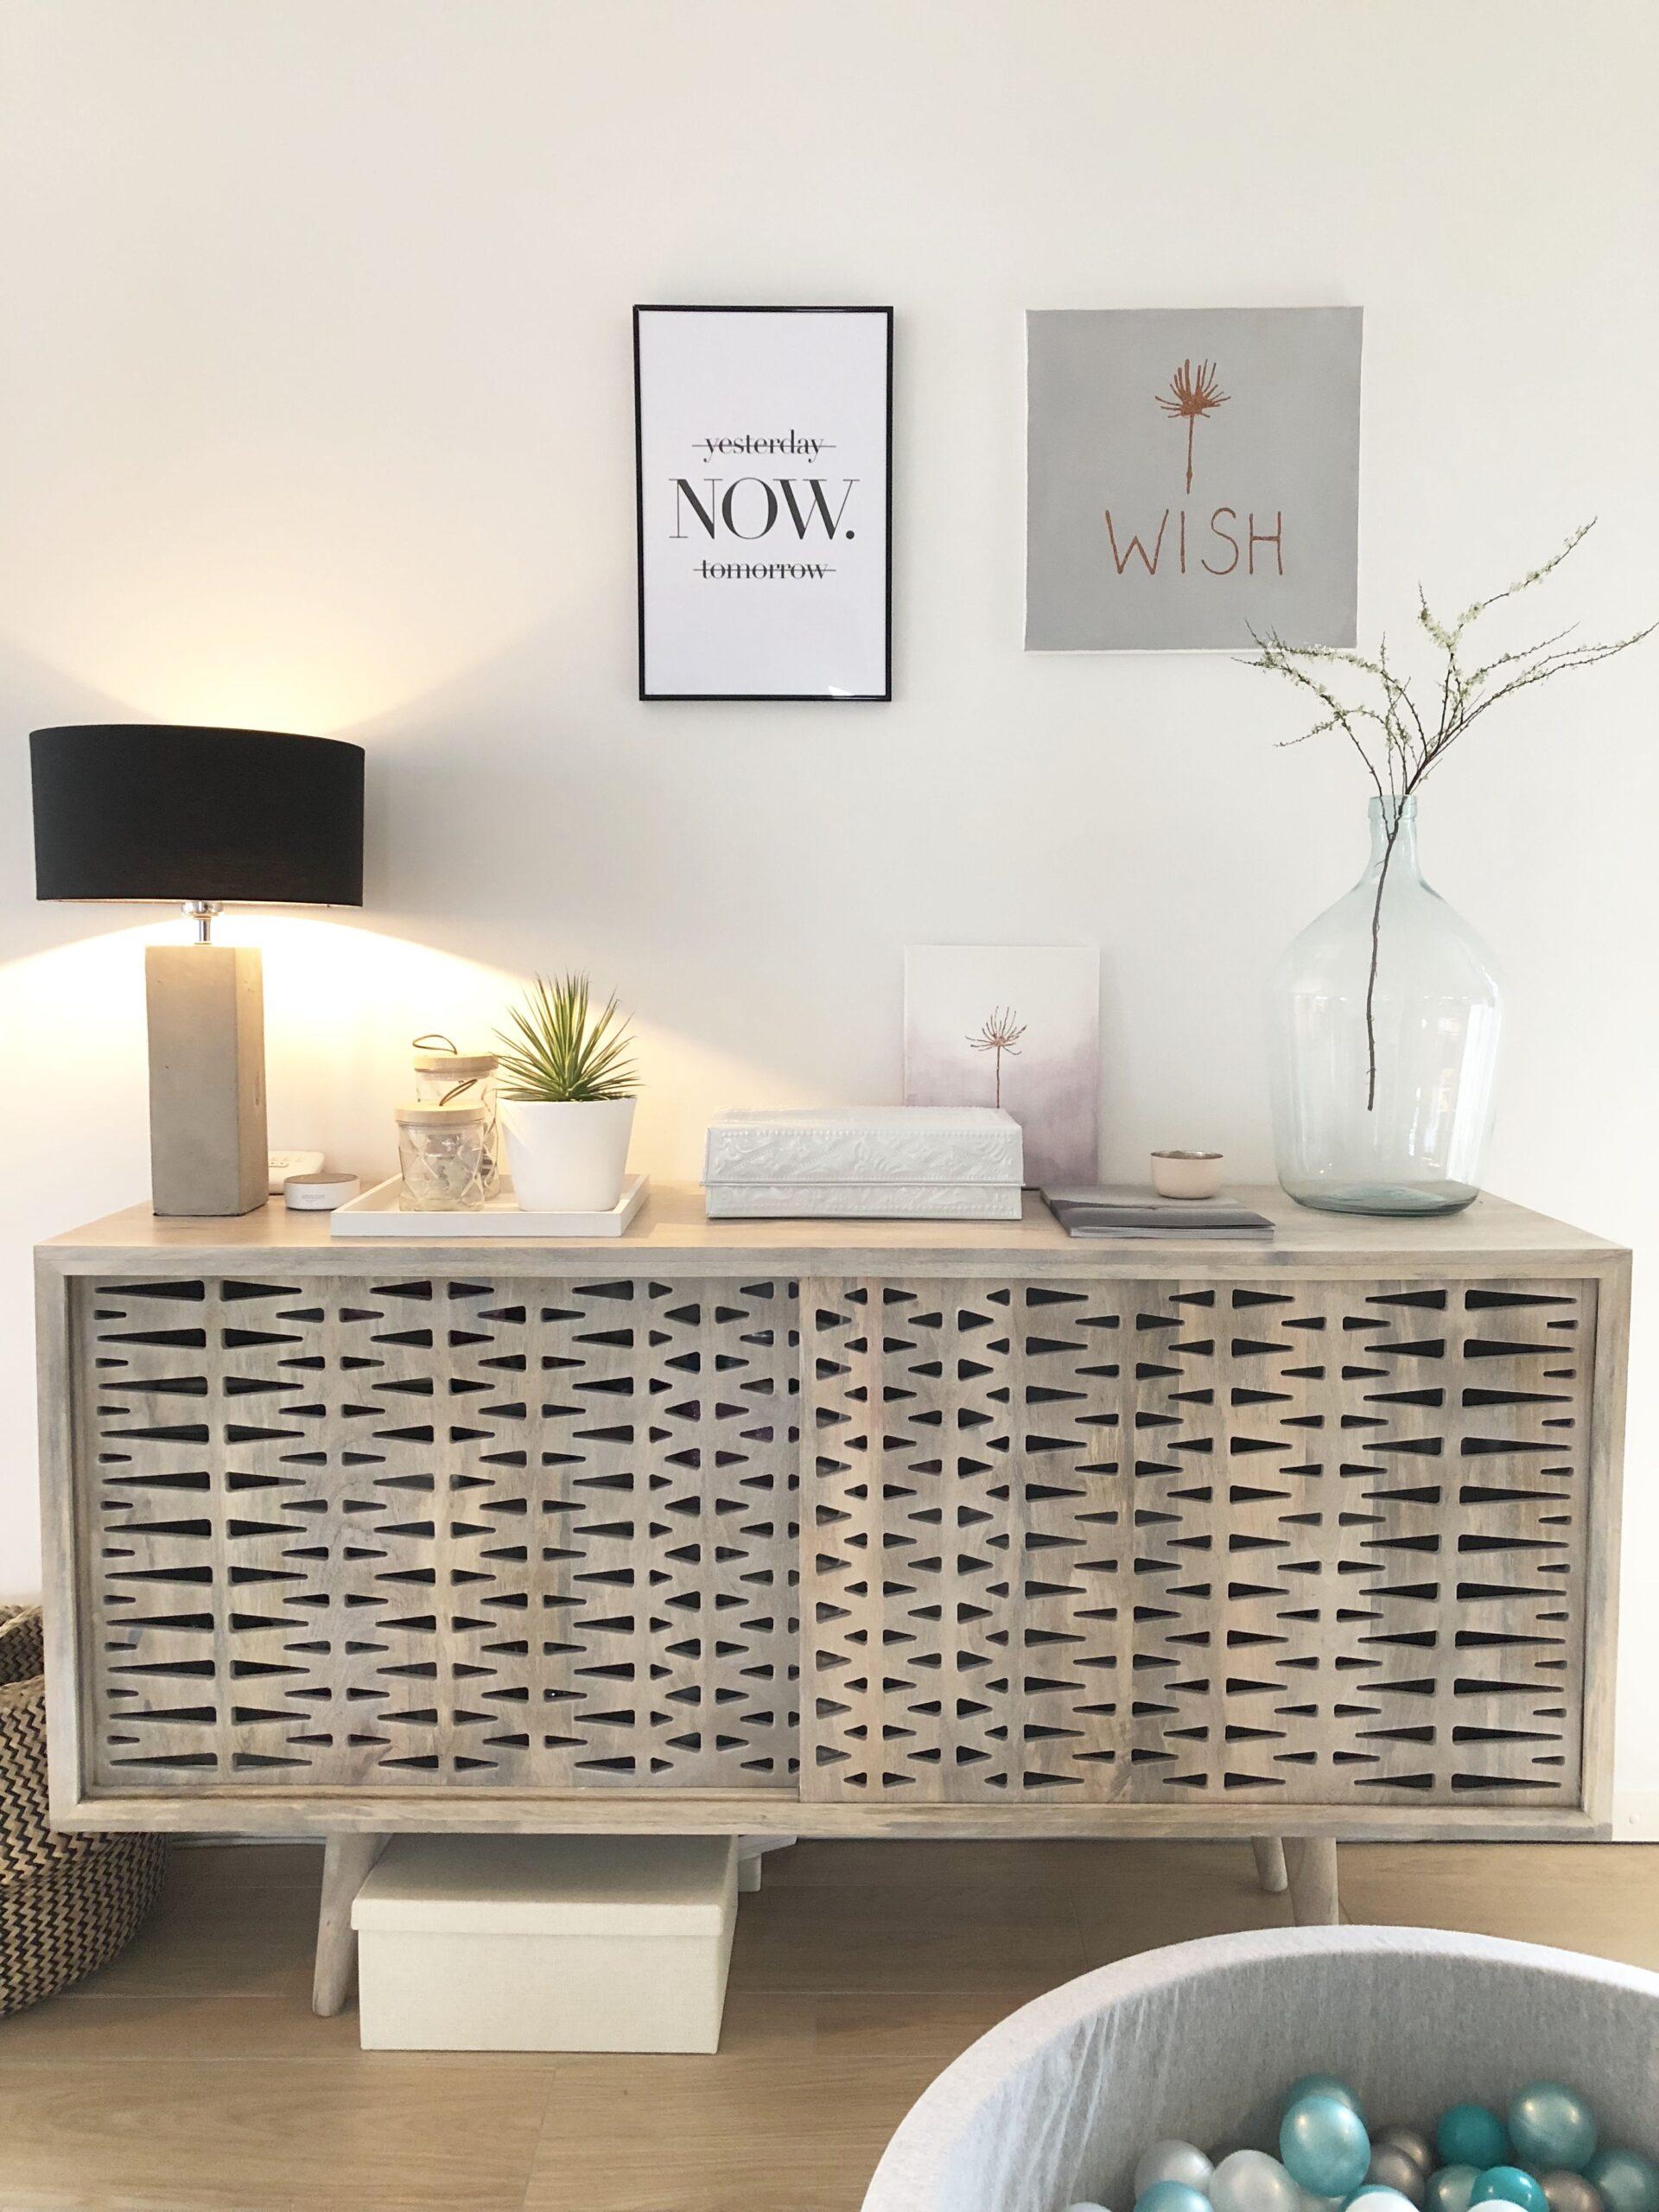 Full Size of Deko Sideboard Wohnzimmer Für Küche Dekoration Badezimmer Schlafzimmer Wanddeko Mit Arbeitsplatte Wohnzimmer Deko Sideboard